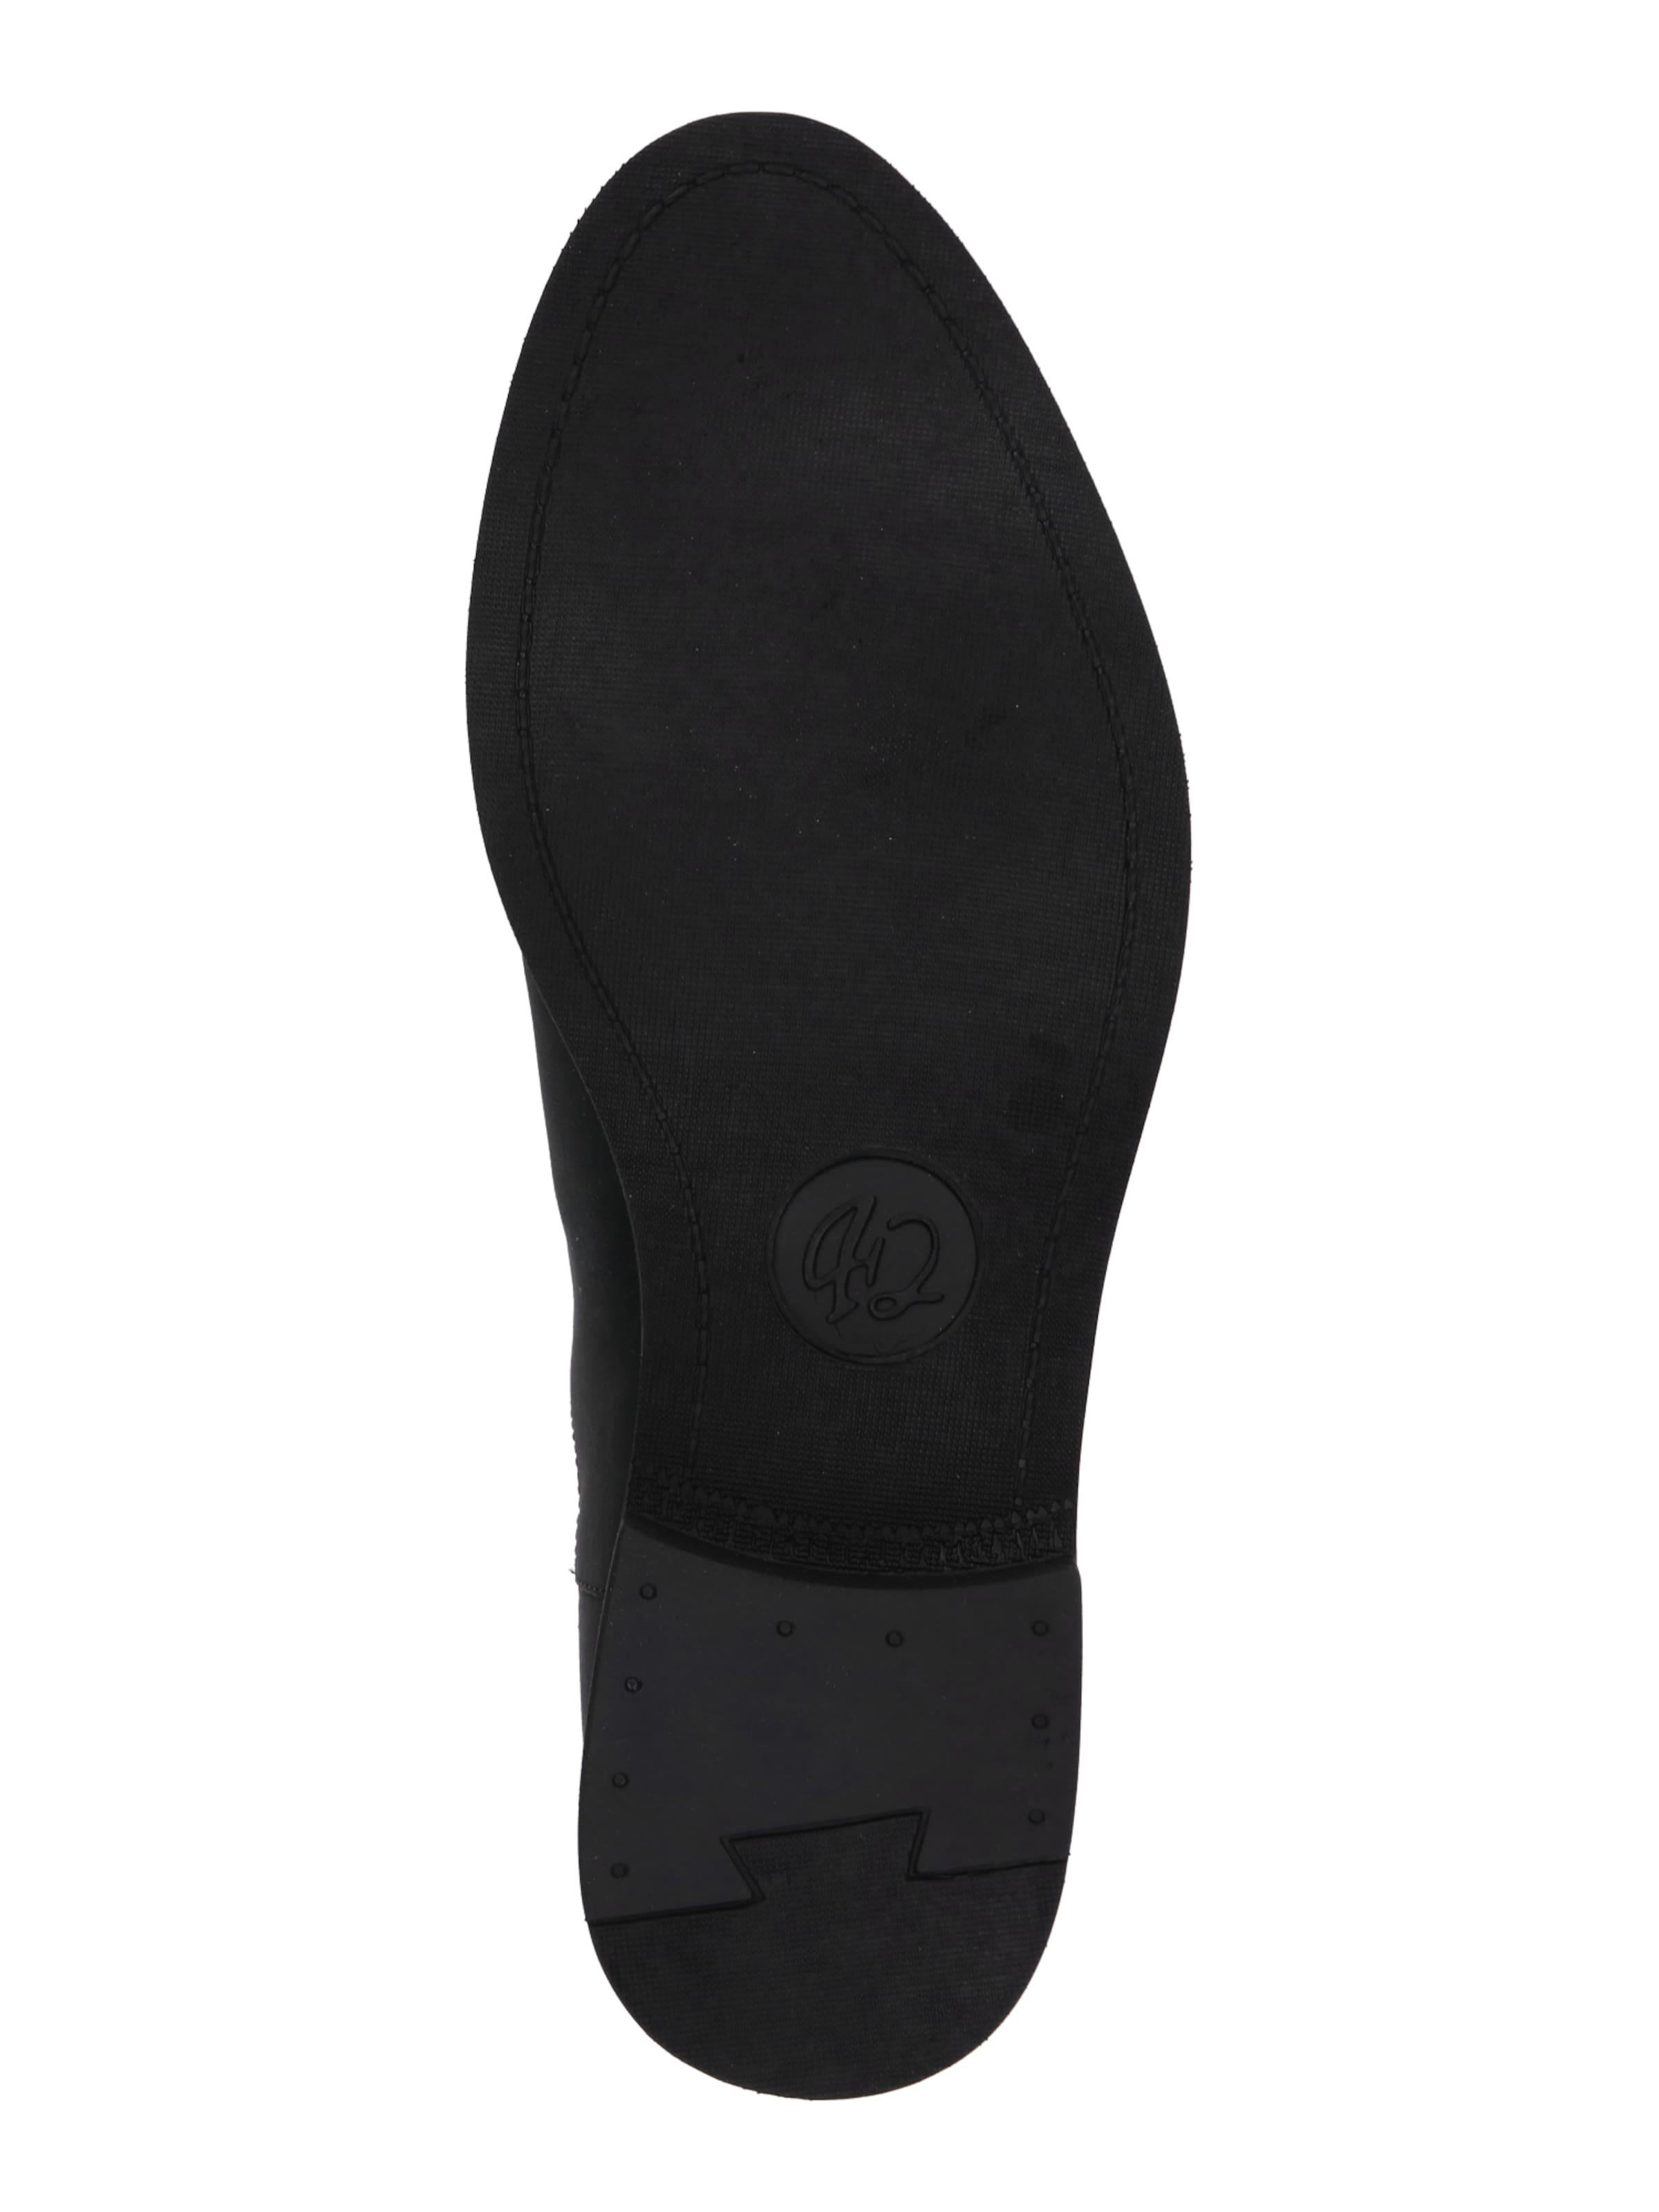 Pepe Jeans Chelsea Stiefel 'ROY Leder Billige Herren- und Damenschuhe Damenschuhe Damenschuhe 7f1095